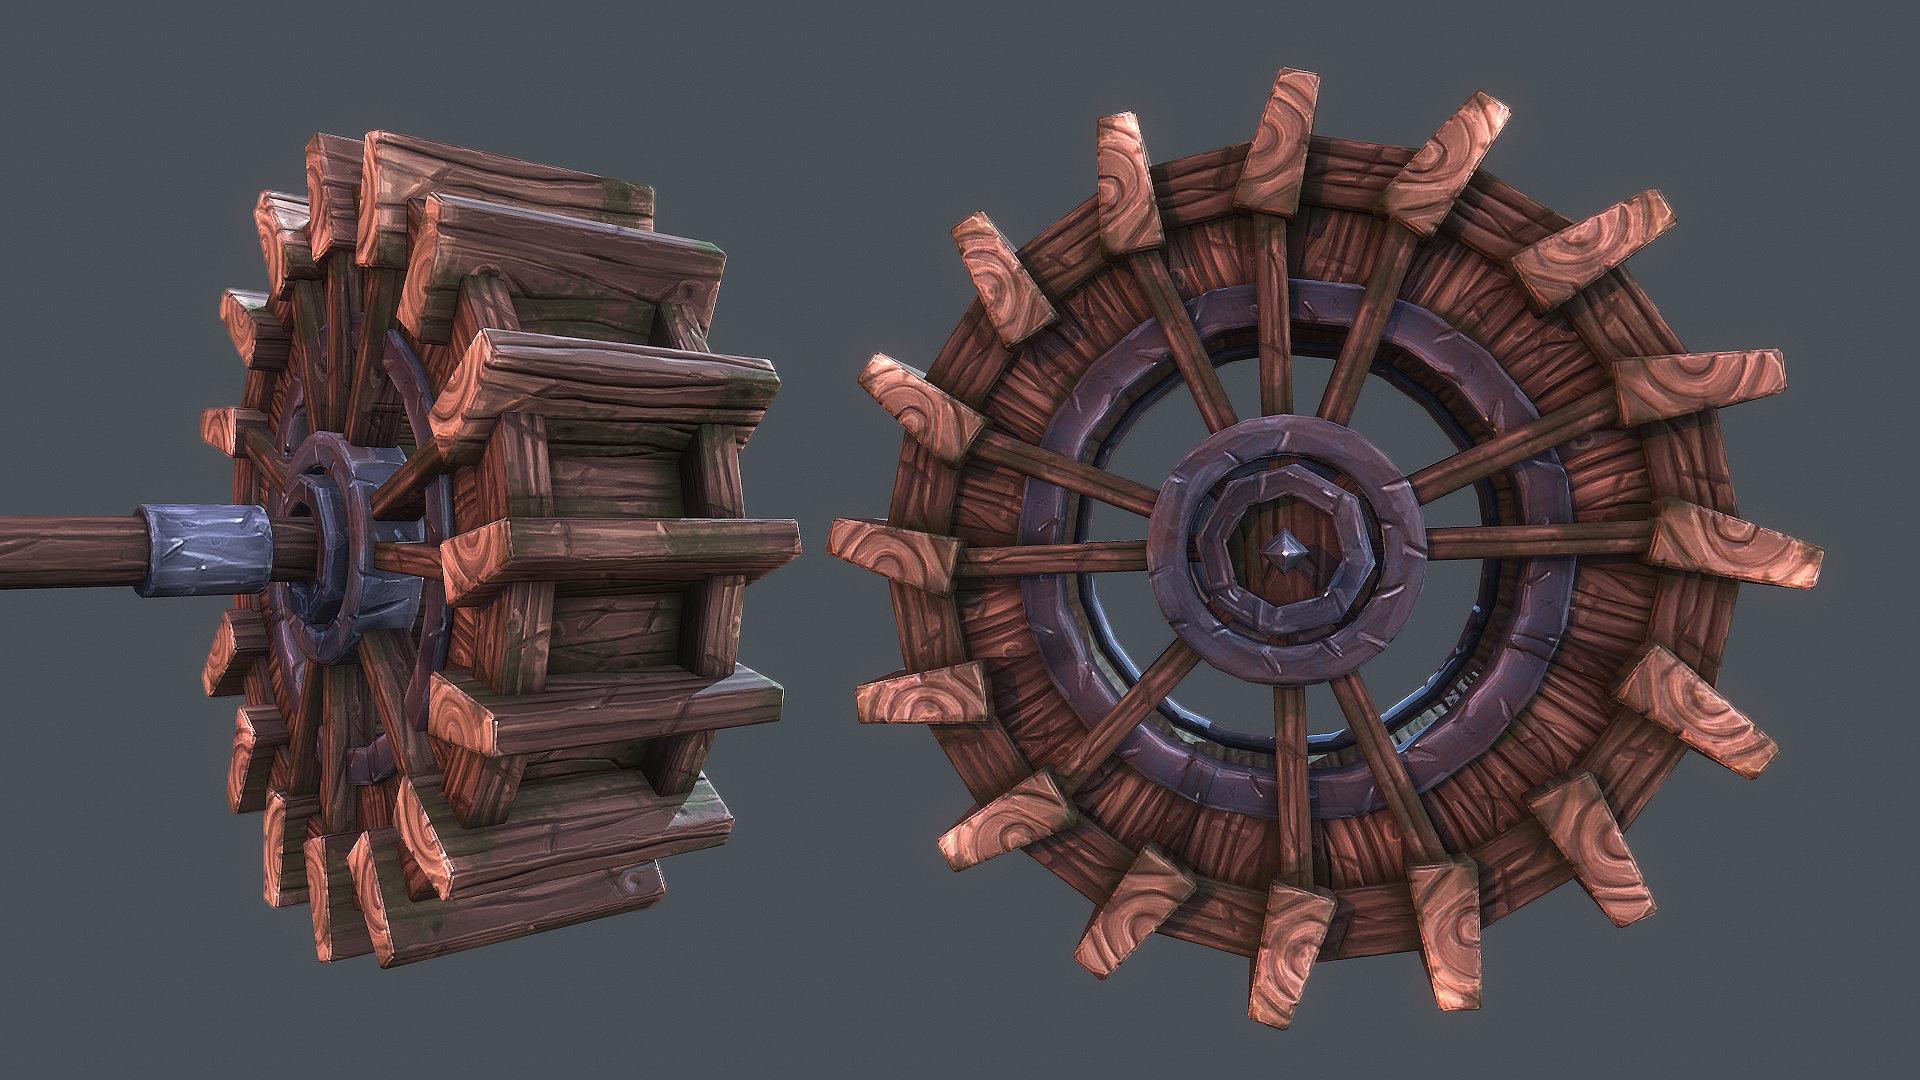 Tobias koepp tobiaskoepp artstation waterwheel 02